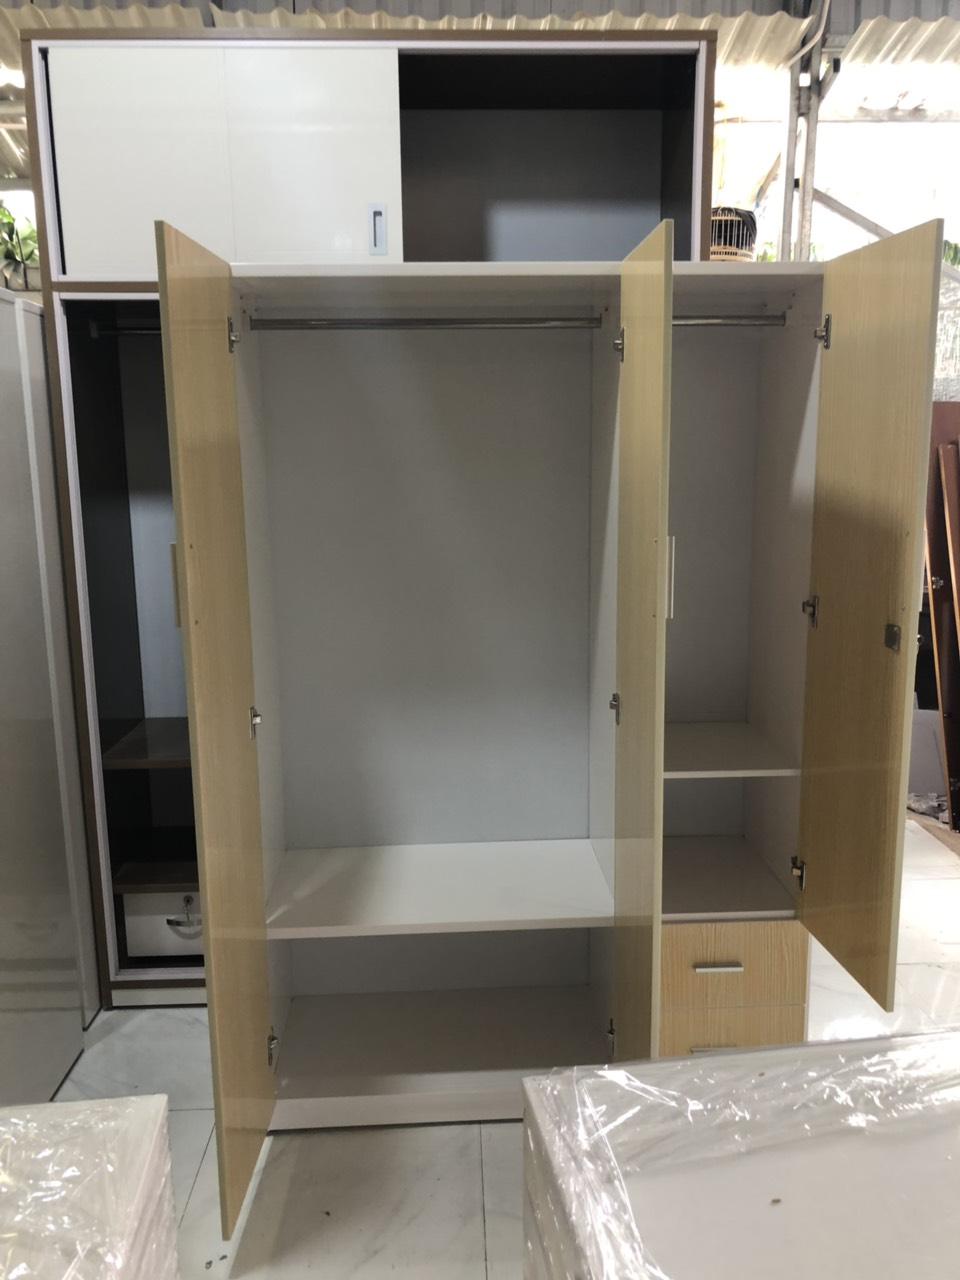 Tủ áo chất lượng bằng nhựa tốt 1m2 x 1m8 x 48 cm